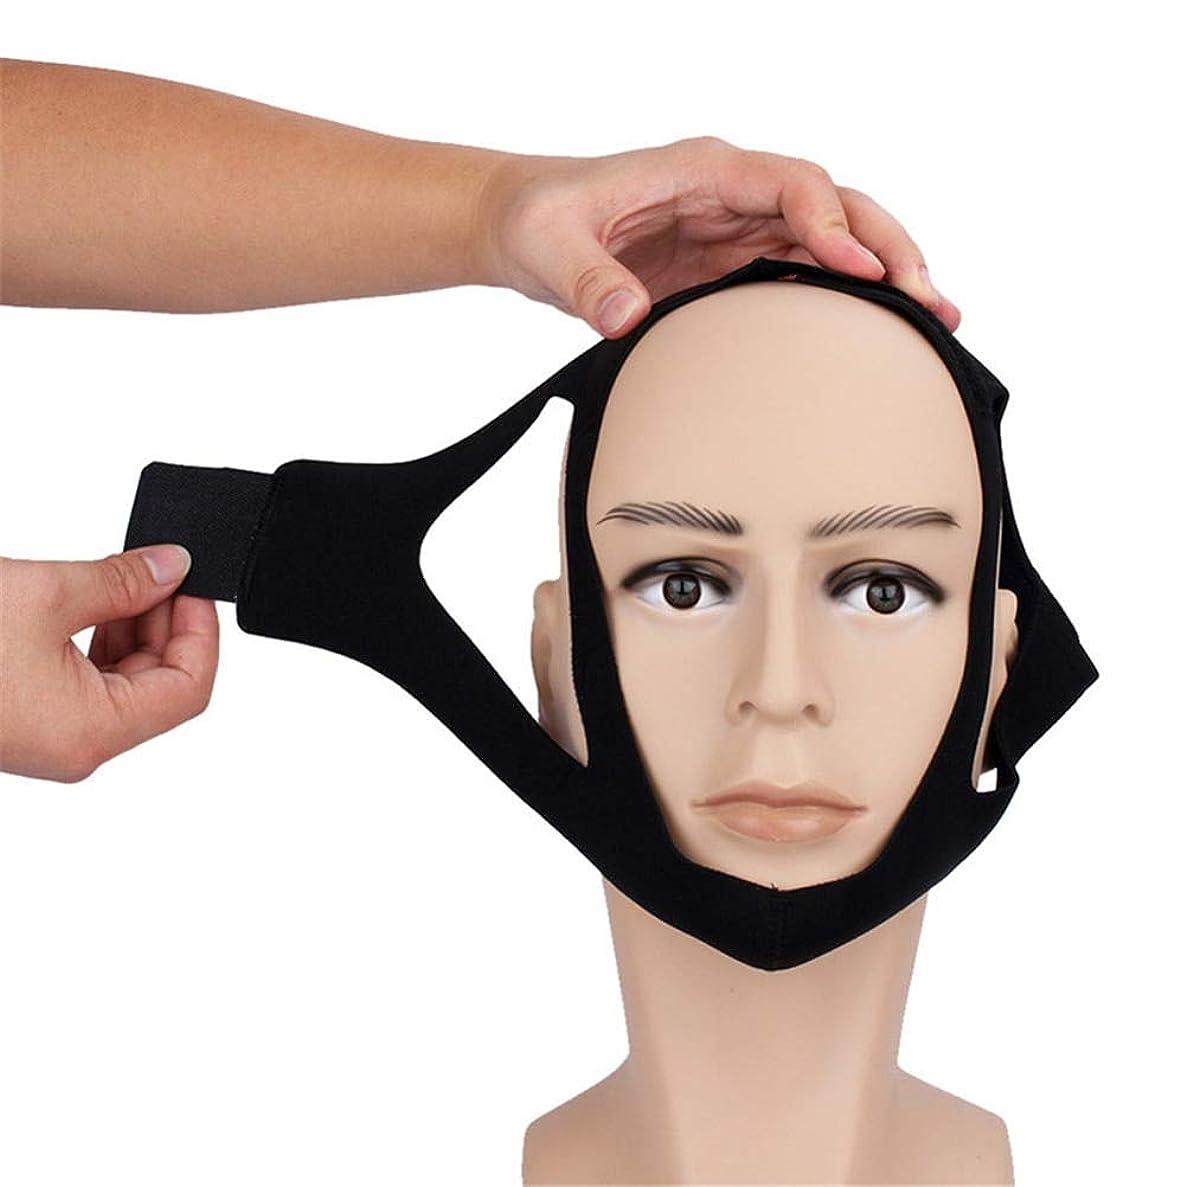 断線雪のNOTE 1ピース抗いびきあごストラップ抗いびき止めいびき顎ベルト睡眠サポート用女性男性ケア睡眠ツールブラックカラー